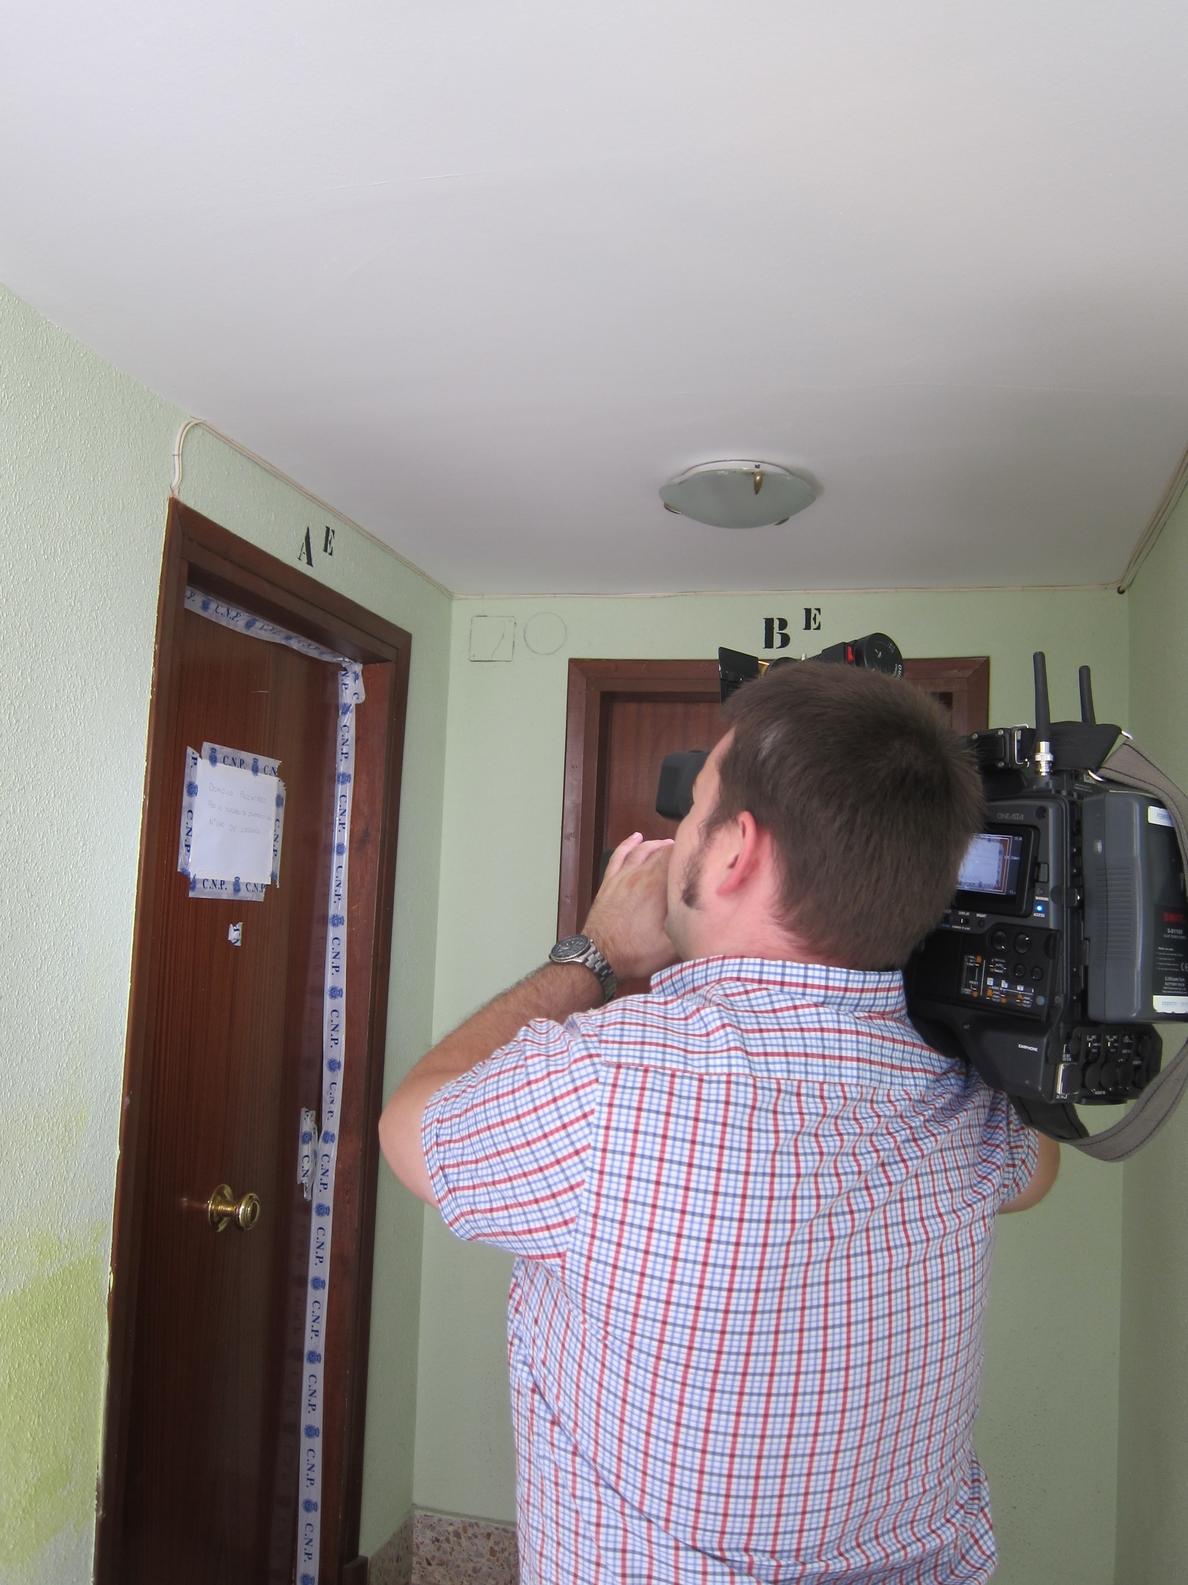 Hallan un hombre muerto por arma blanca en el interior de una vivienda de Logroño